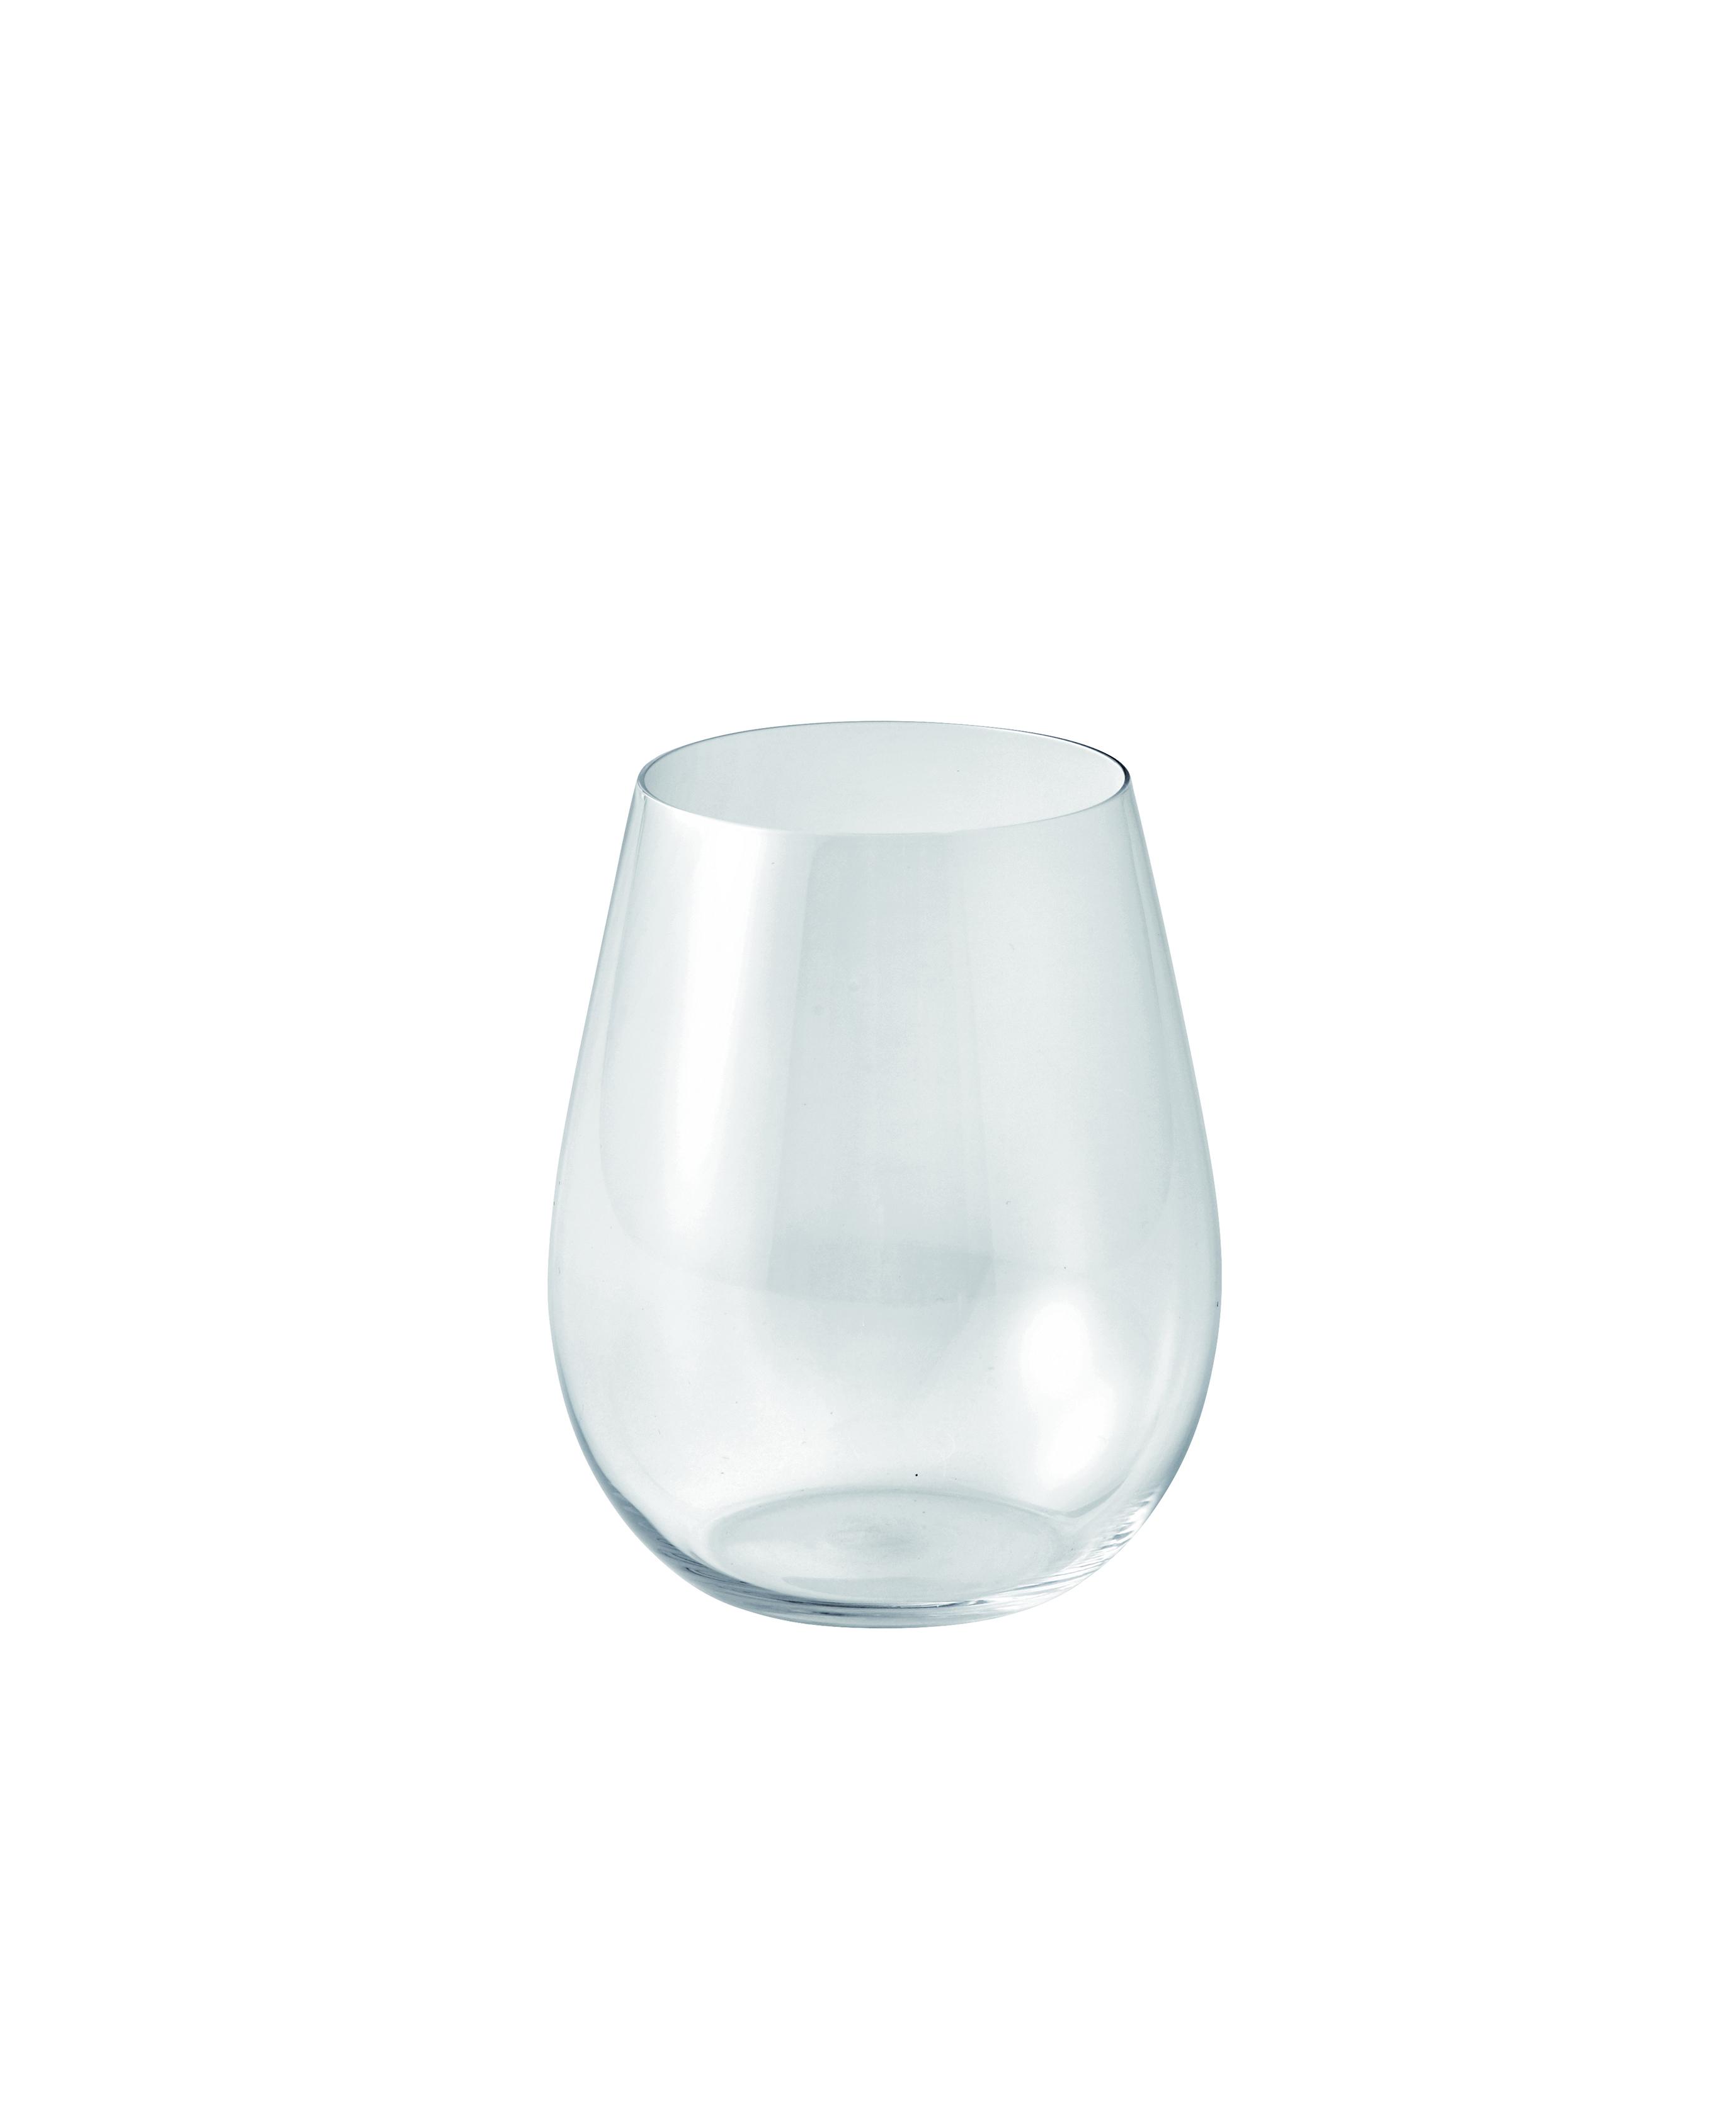 うすはり 葡萄酒器 ボルドー